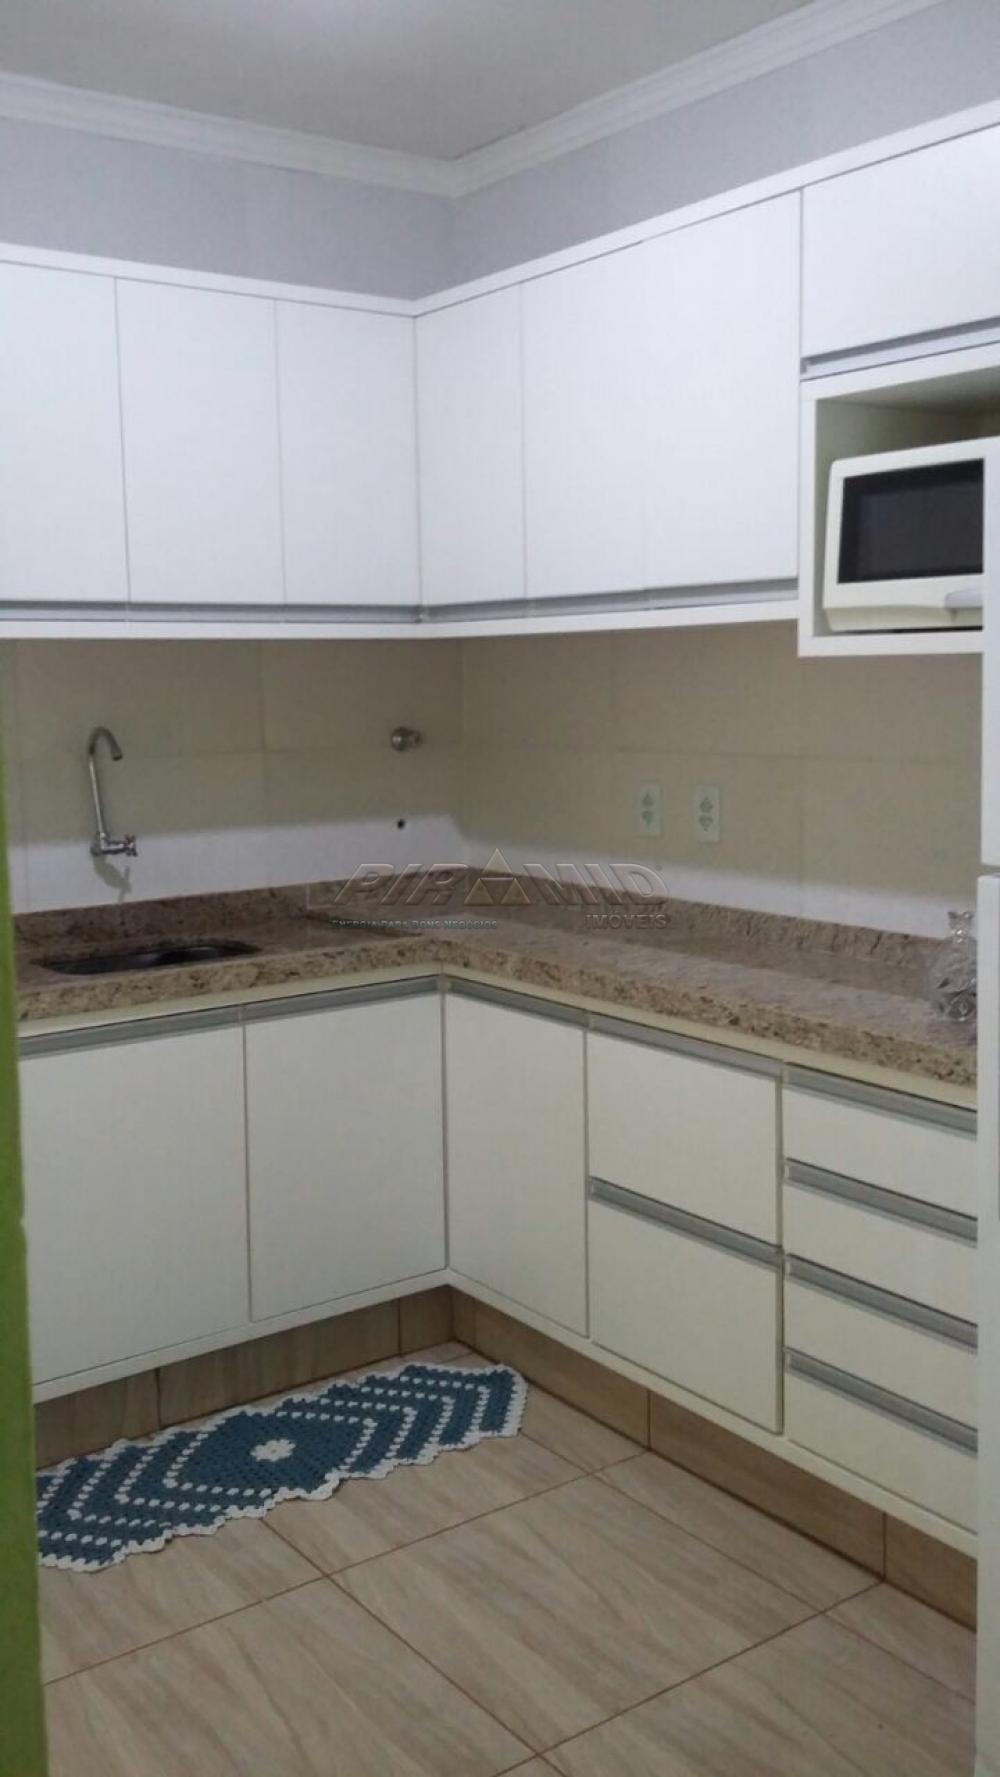 Comprar Casa / Padrão em Ribeirão Preto apenas R$ 250.000,00 - Foto 12